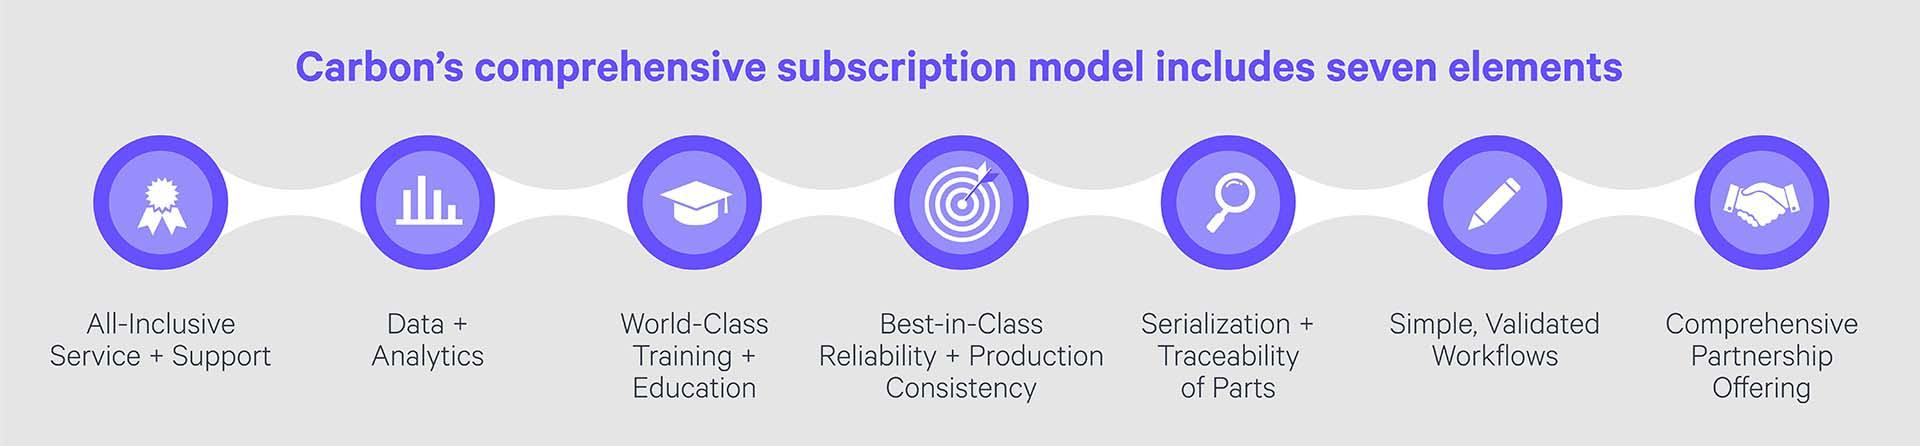 Carbon Subscription Model